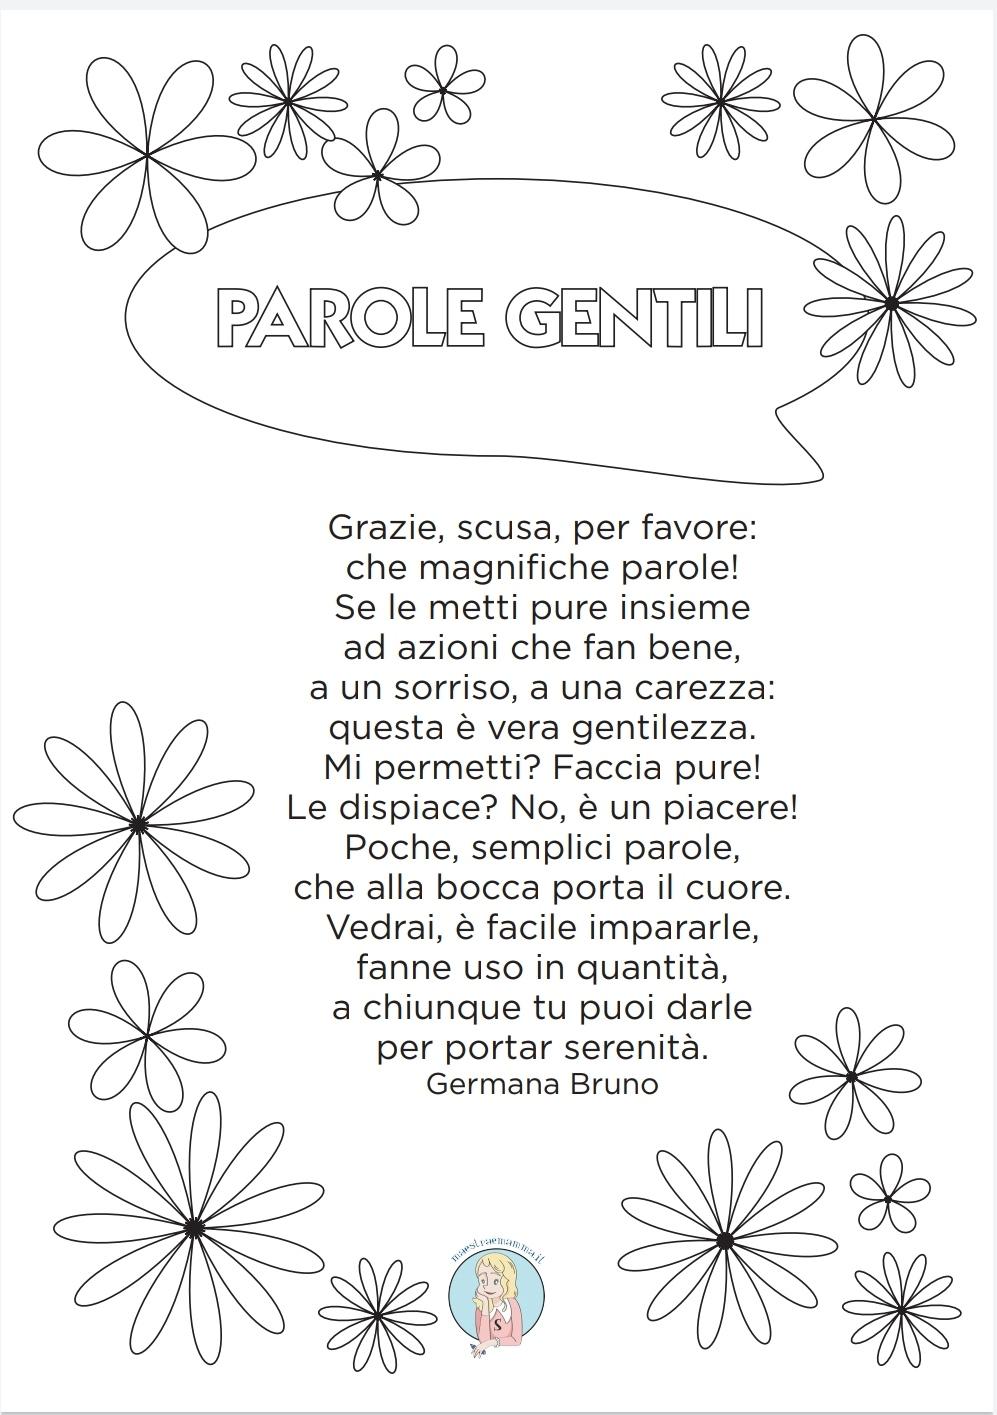 Parole gentili - poesia di Germana Bruno